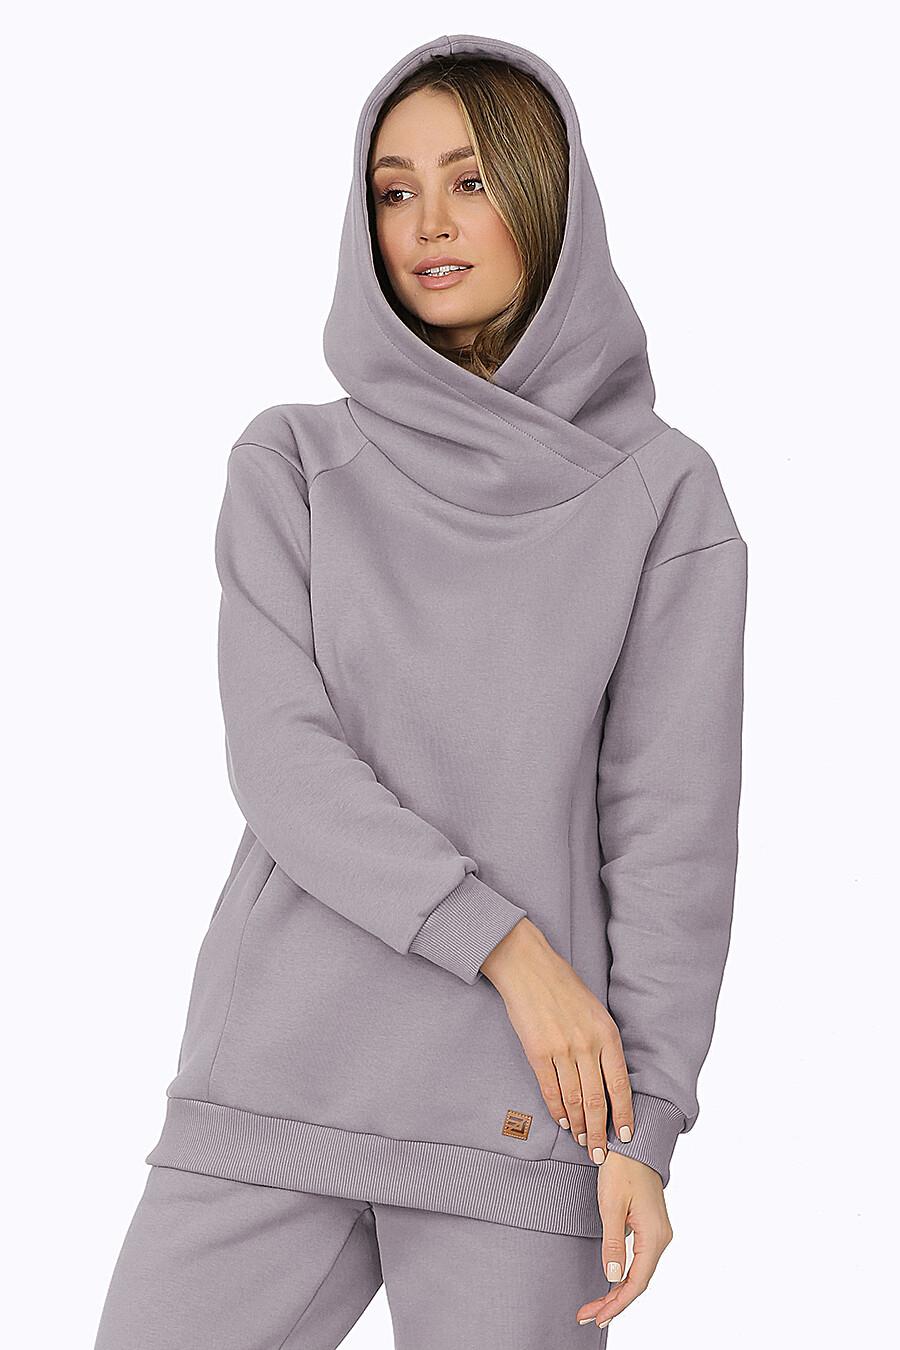 Худи для женщин EZANNA 708520 купить оптом от производителя. Совместная покупка женской одежды в OptMoyo